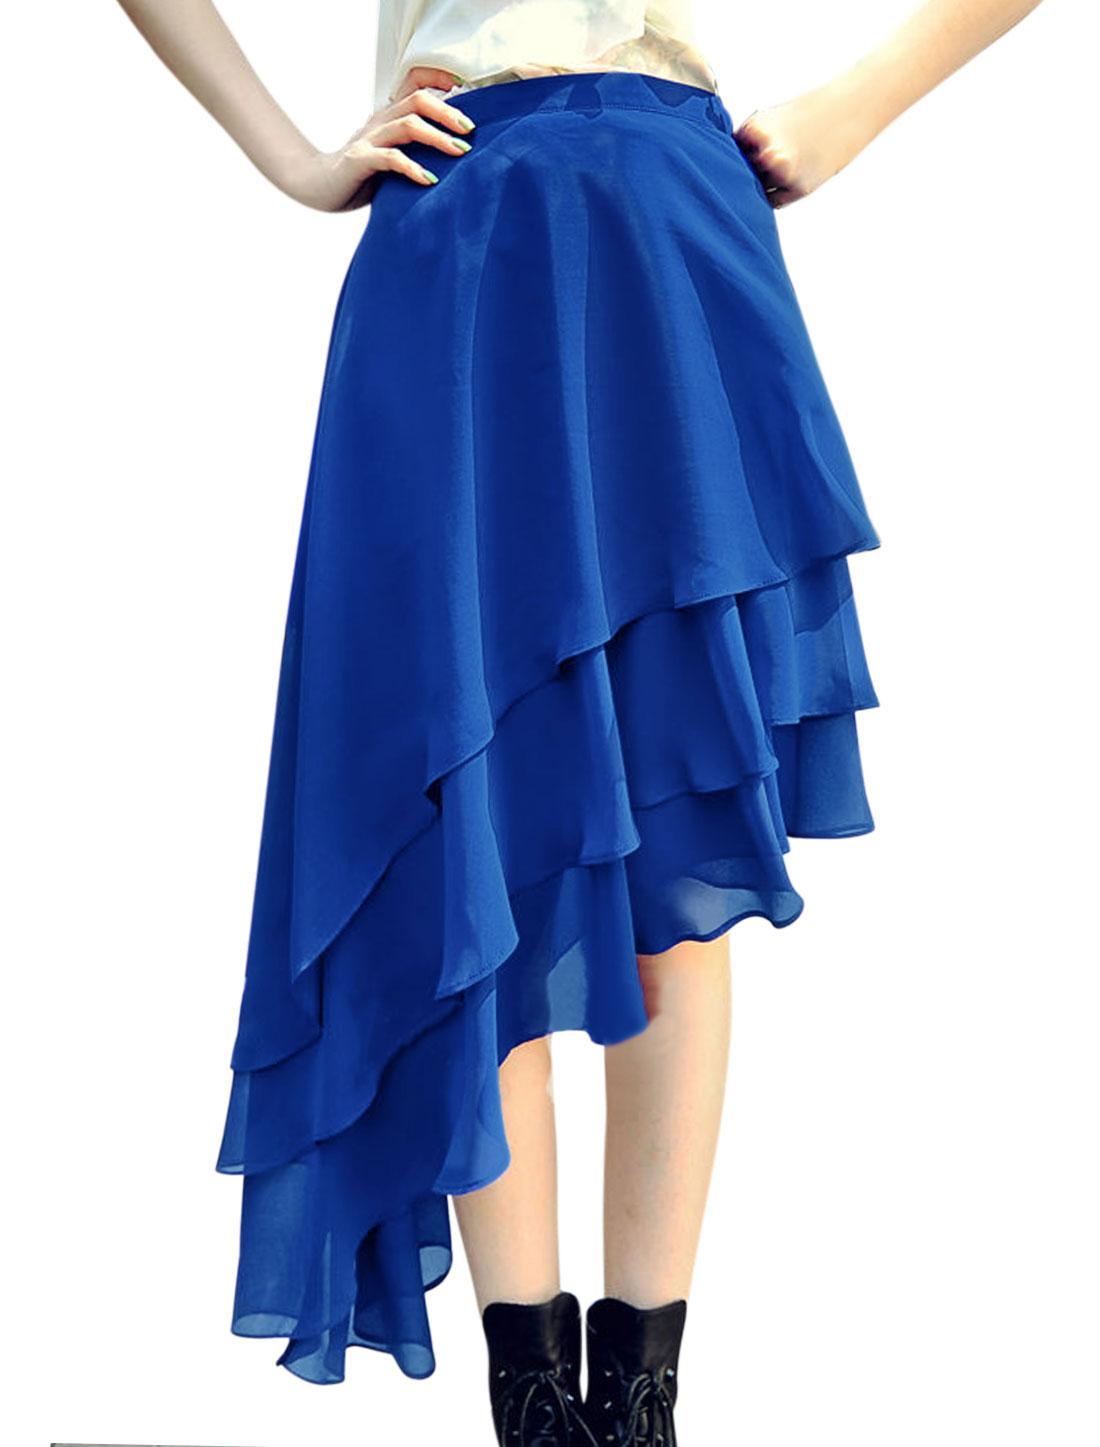 Women Elastic Waist Band Asymmetric Hem Chiffon Tiered Skirt Blue S